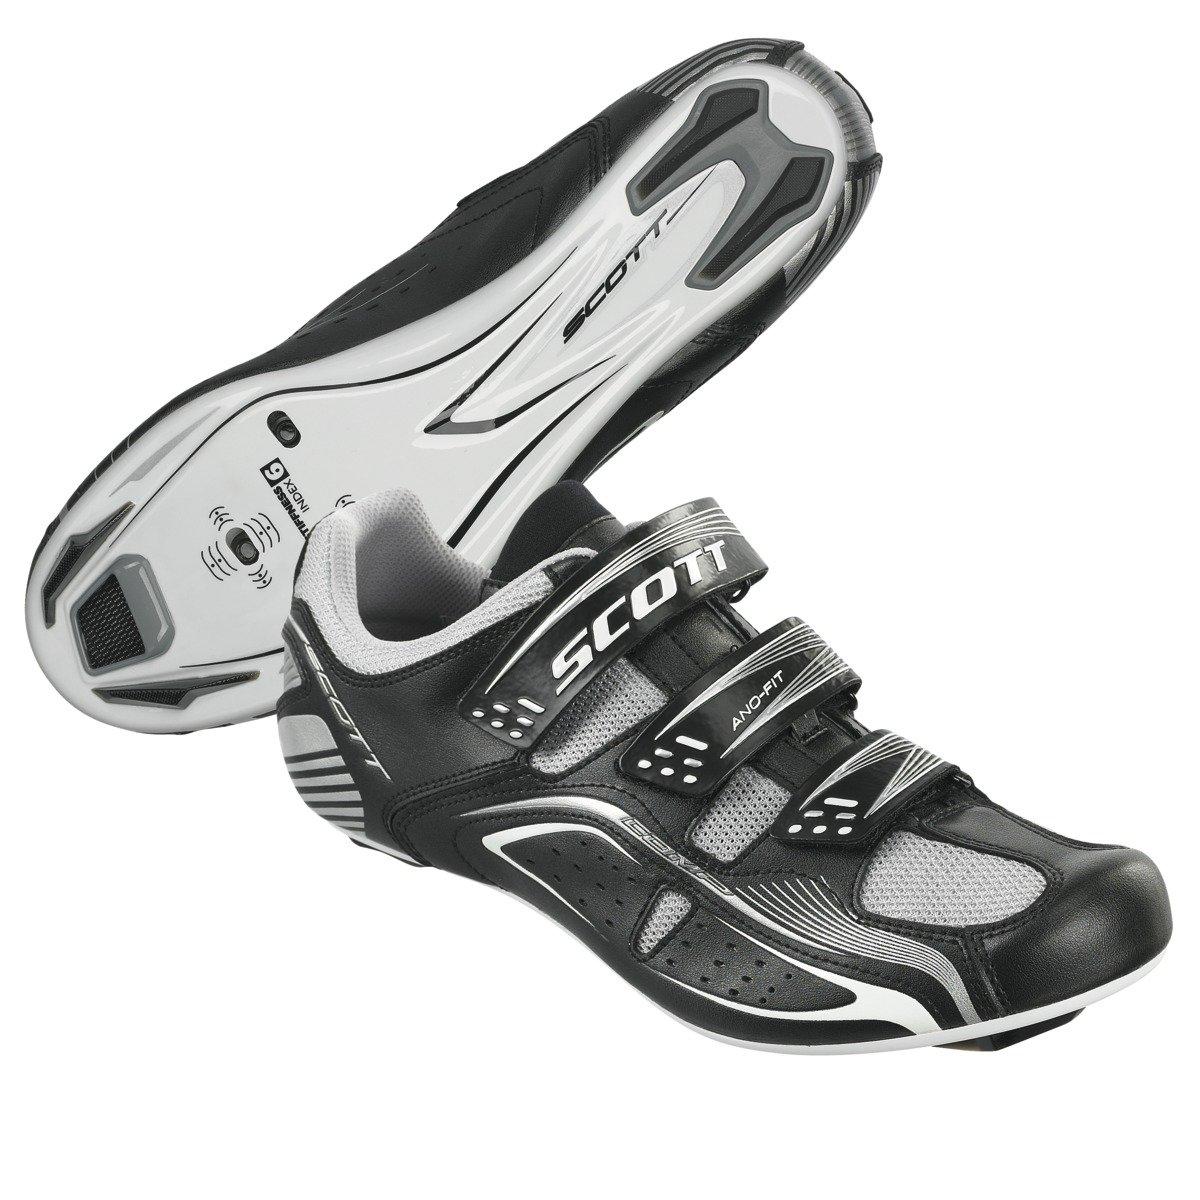 Scott Road Comp Rennrad Fahrrad Schuhe schwarz 2013  Größe  42